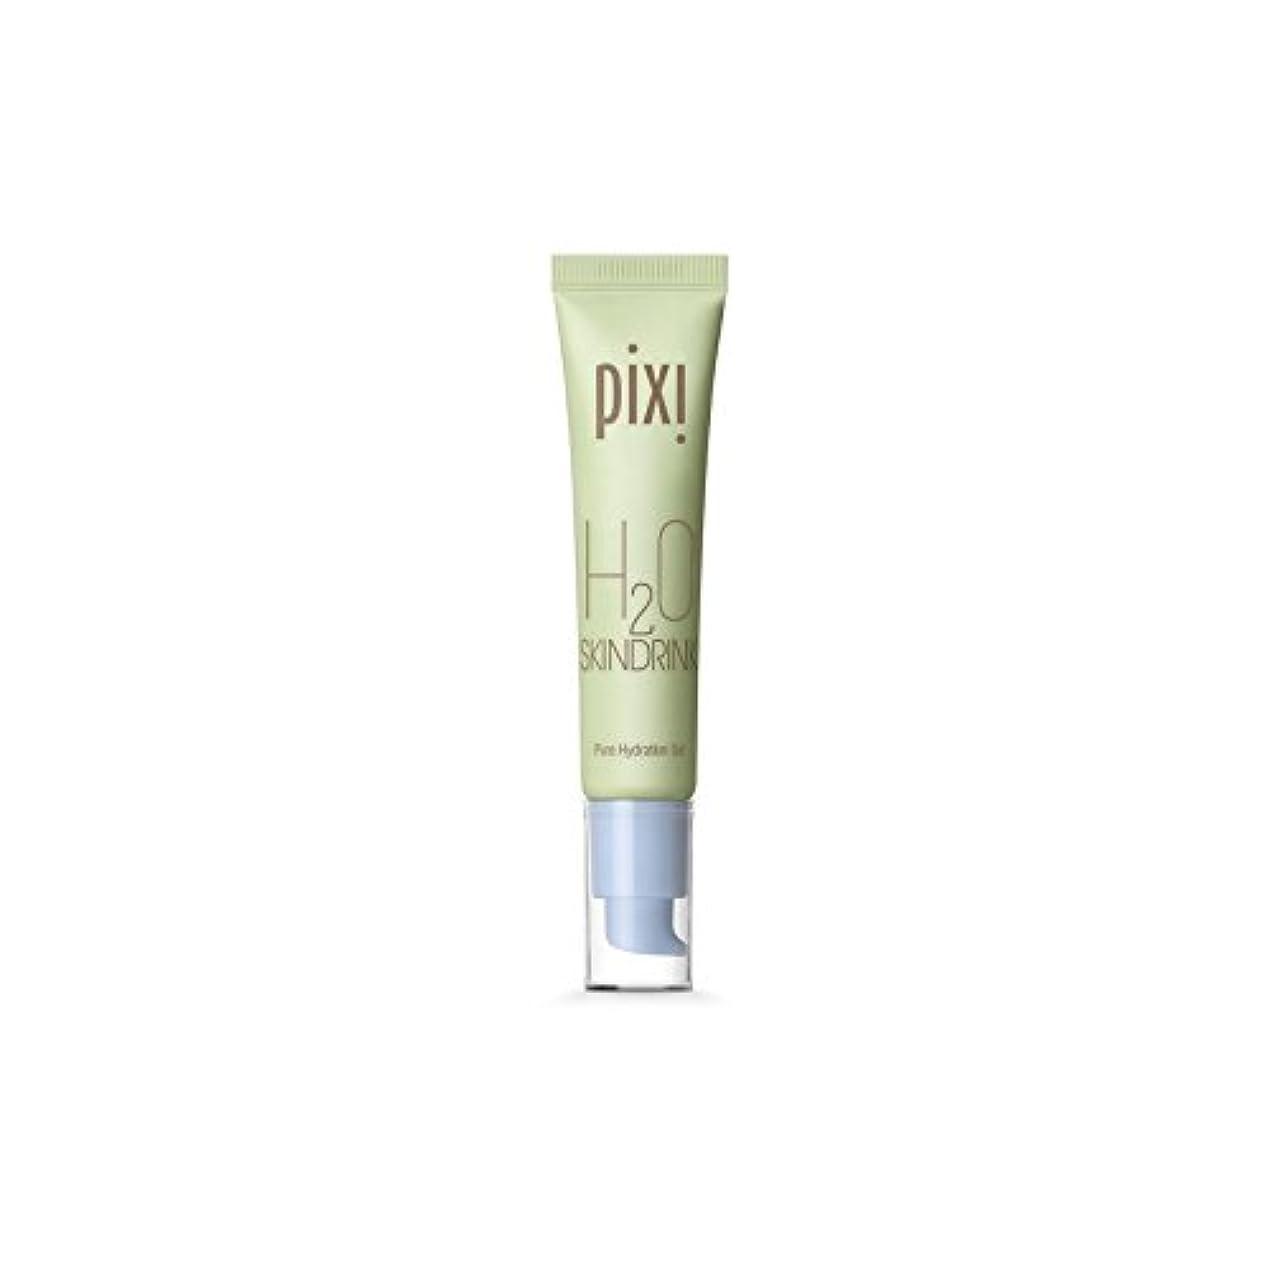 崩壊アトム洞窟20スキンドリンク x4 - Pixi H20 Skin Drink (Pack of 4) [並行輸入品]